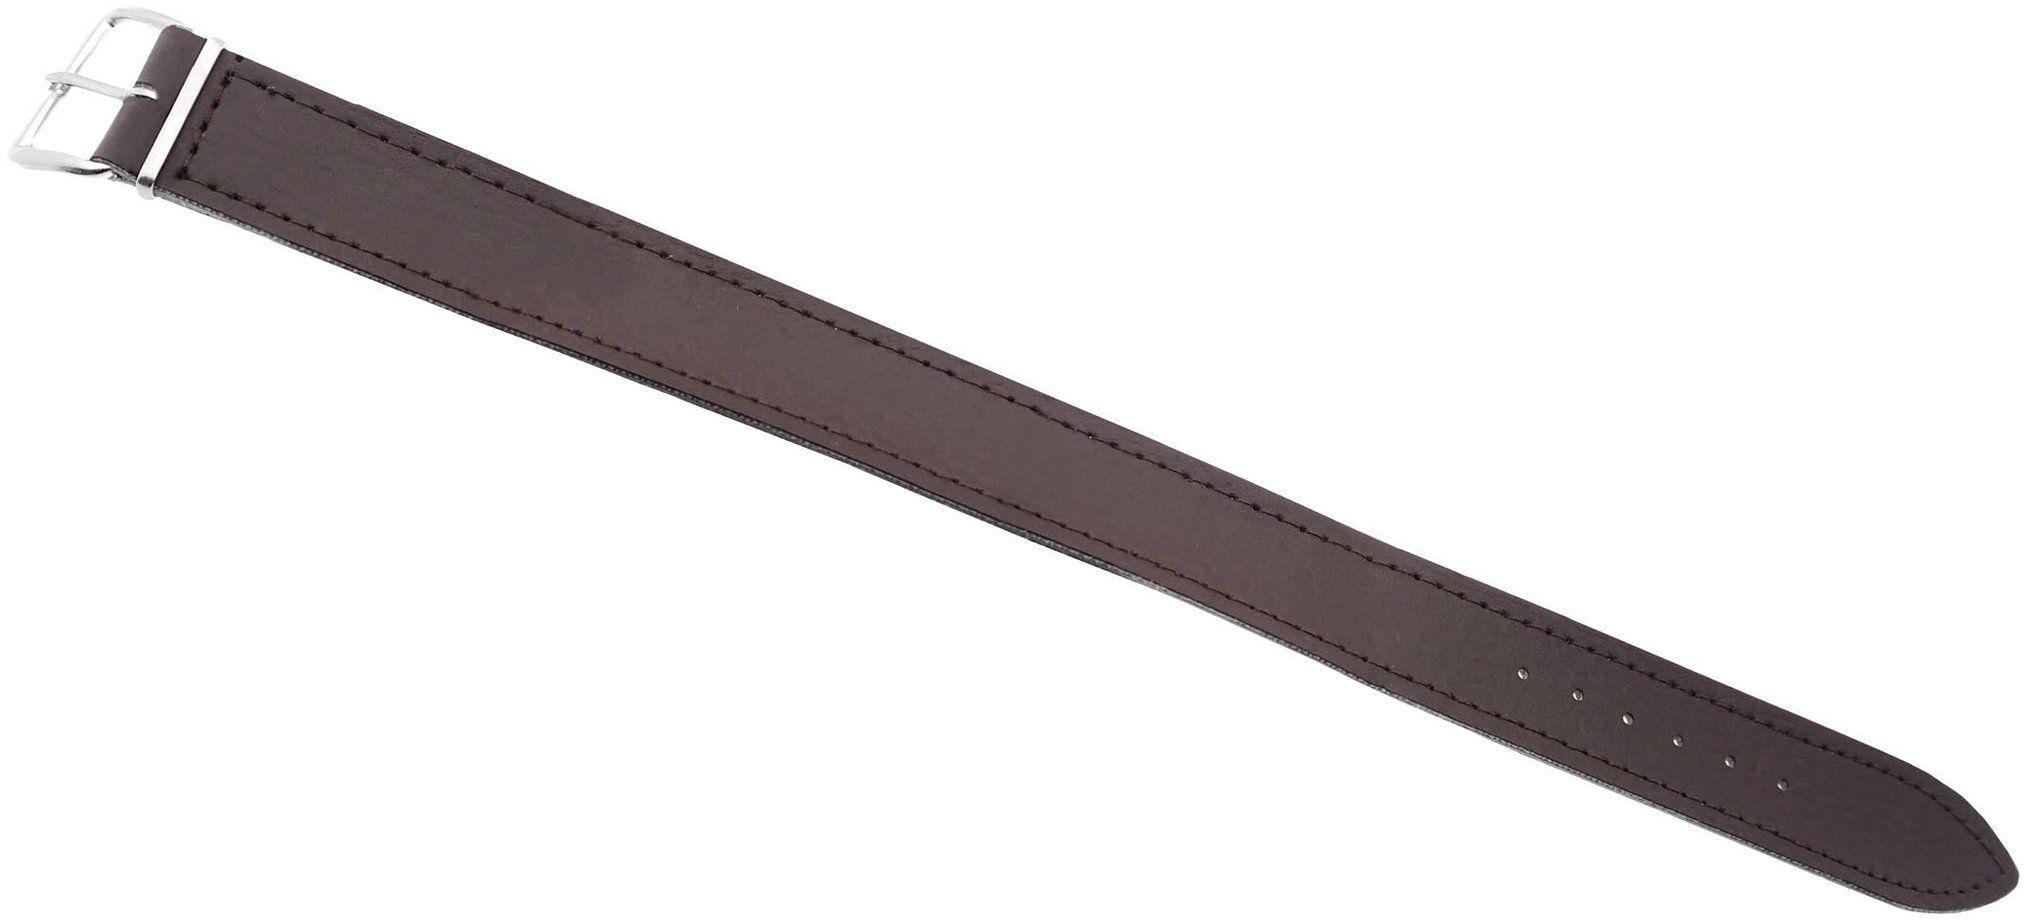 Skórzany pasek przeciągany do zegarka 10 mm brązowy